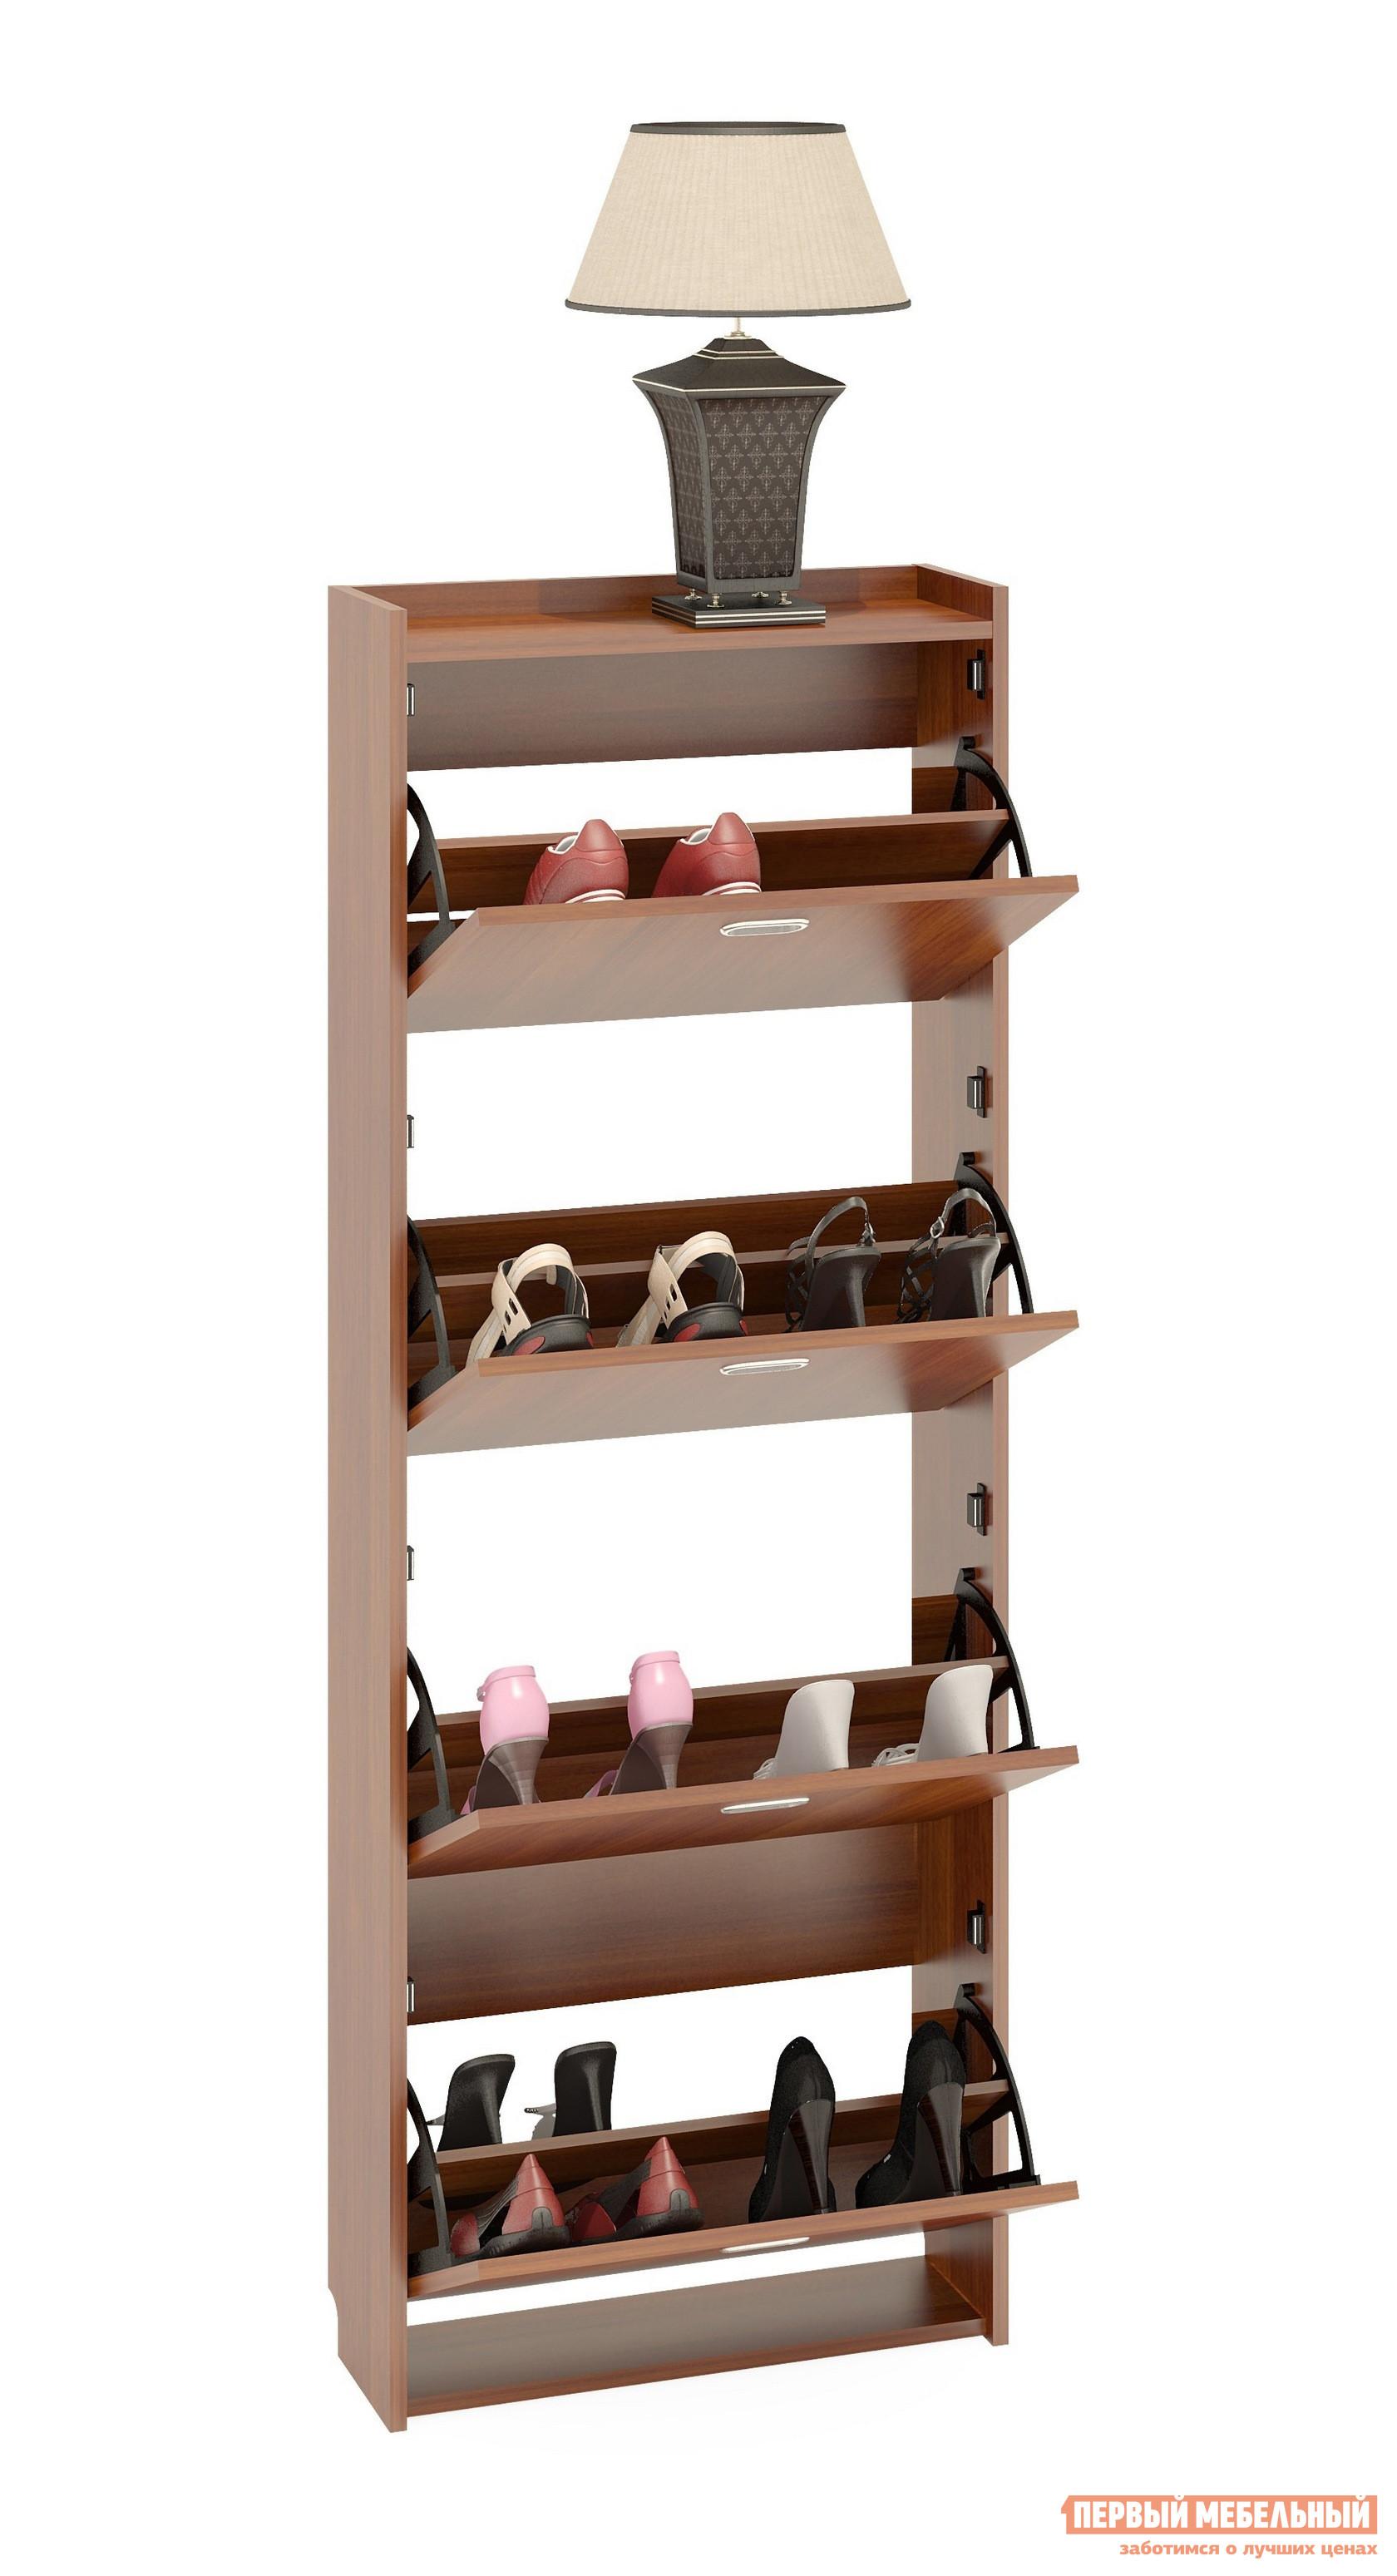 Обувница Сокол ТО-4 Испанский орехОбувницы<br>Габаритные размеры ВхШхГ 1646x600x220 мм. Обувница очень практичная составляющая прихожей.  Мебельное изделие украсит прихожую, избавит ее от неопрятного видаразбросанной обуви, а также поможет сохранить привлекательный вид обуви во время хранения.   Модель ТО-4 – четырехсекционная обувница, ее вместительность – 16 пар обуви.  В закрытом состоянии мебельное изделие отличаетневероятная компактность.  Секции удобно открывать, предоставляется полный обзор хранимой обуви.  Изделие изготовлено из высококачественной ЛДСП 16мм, края отделаны кромкой ПВХ 0. 4мм.  При сборке необходимо крепить обувницу к стене для лучшей устойчивости.  Рекомендуем сохранить инструкцию по сборке (паспорт изделия) до истечения гарантийного срока.<br><br>Цвет: Испанский орех<br>Цвет: Красное дерево<br>Высота мм: 1646<br>Ширина мм: 600<br>Глубина мм: 220<br>Кол-во упаковок: 1<br>Форма поставки: В разобранном виде<br>Срок гарантии: 2 года<br>Тип: Закрытые<br>Материал: Деревянные<br>Размер: Узкие<br>Глубина: Неглубокие